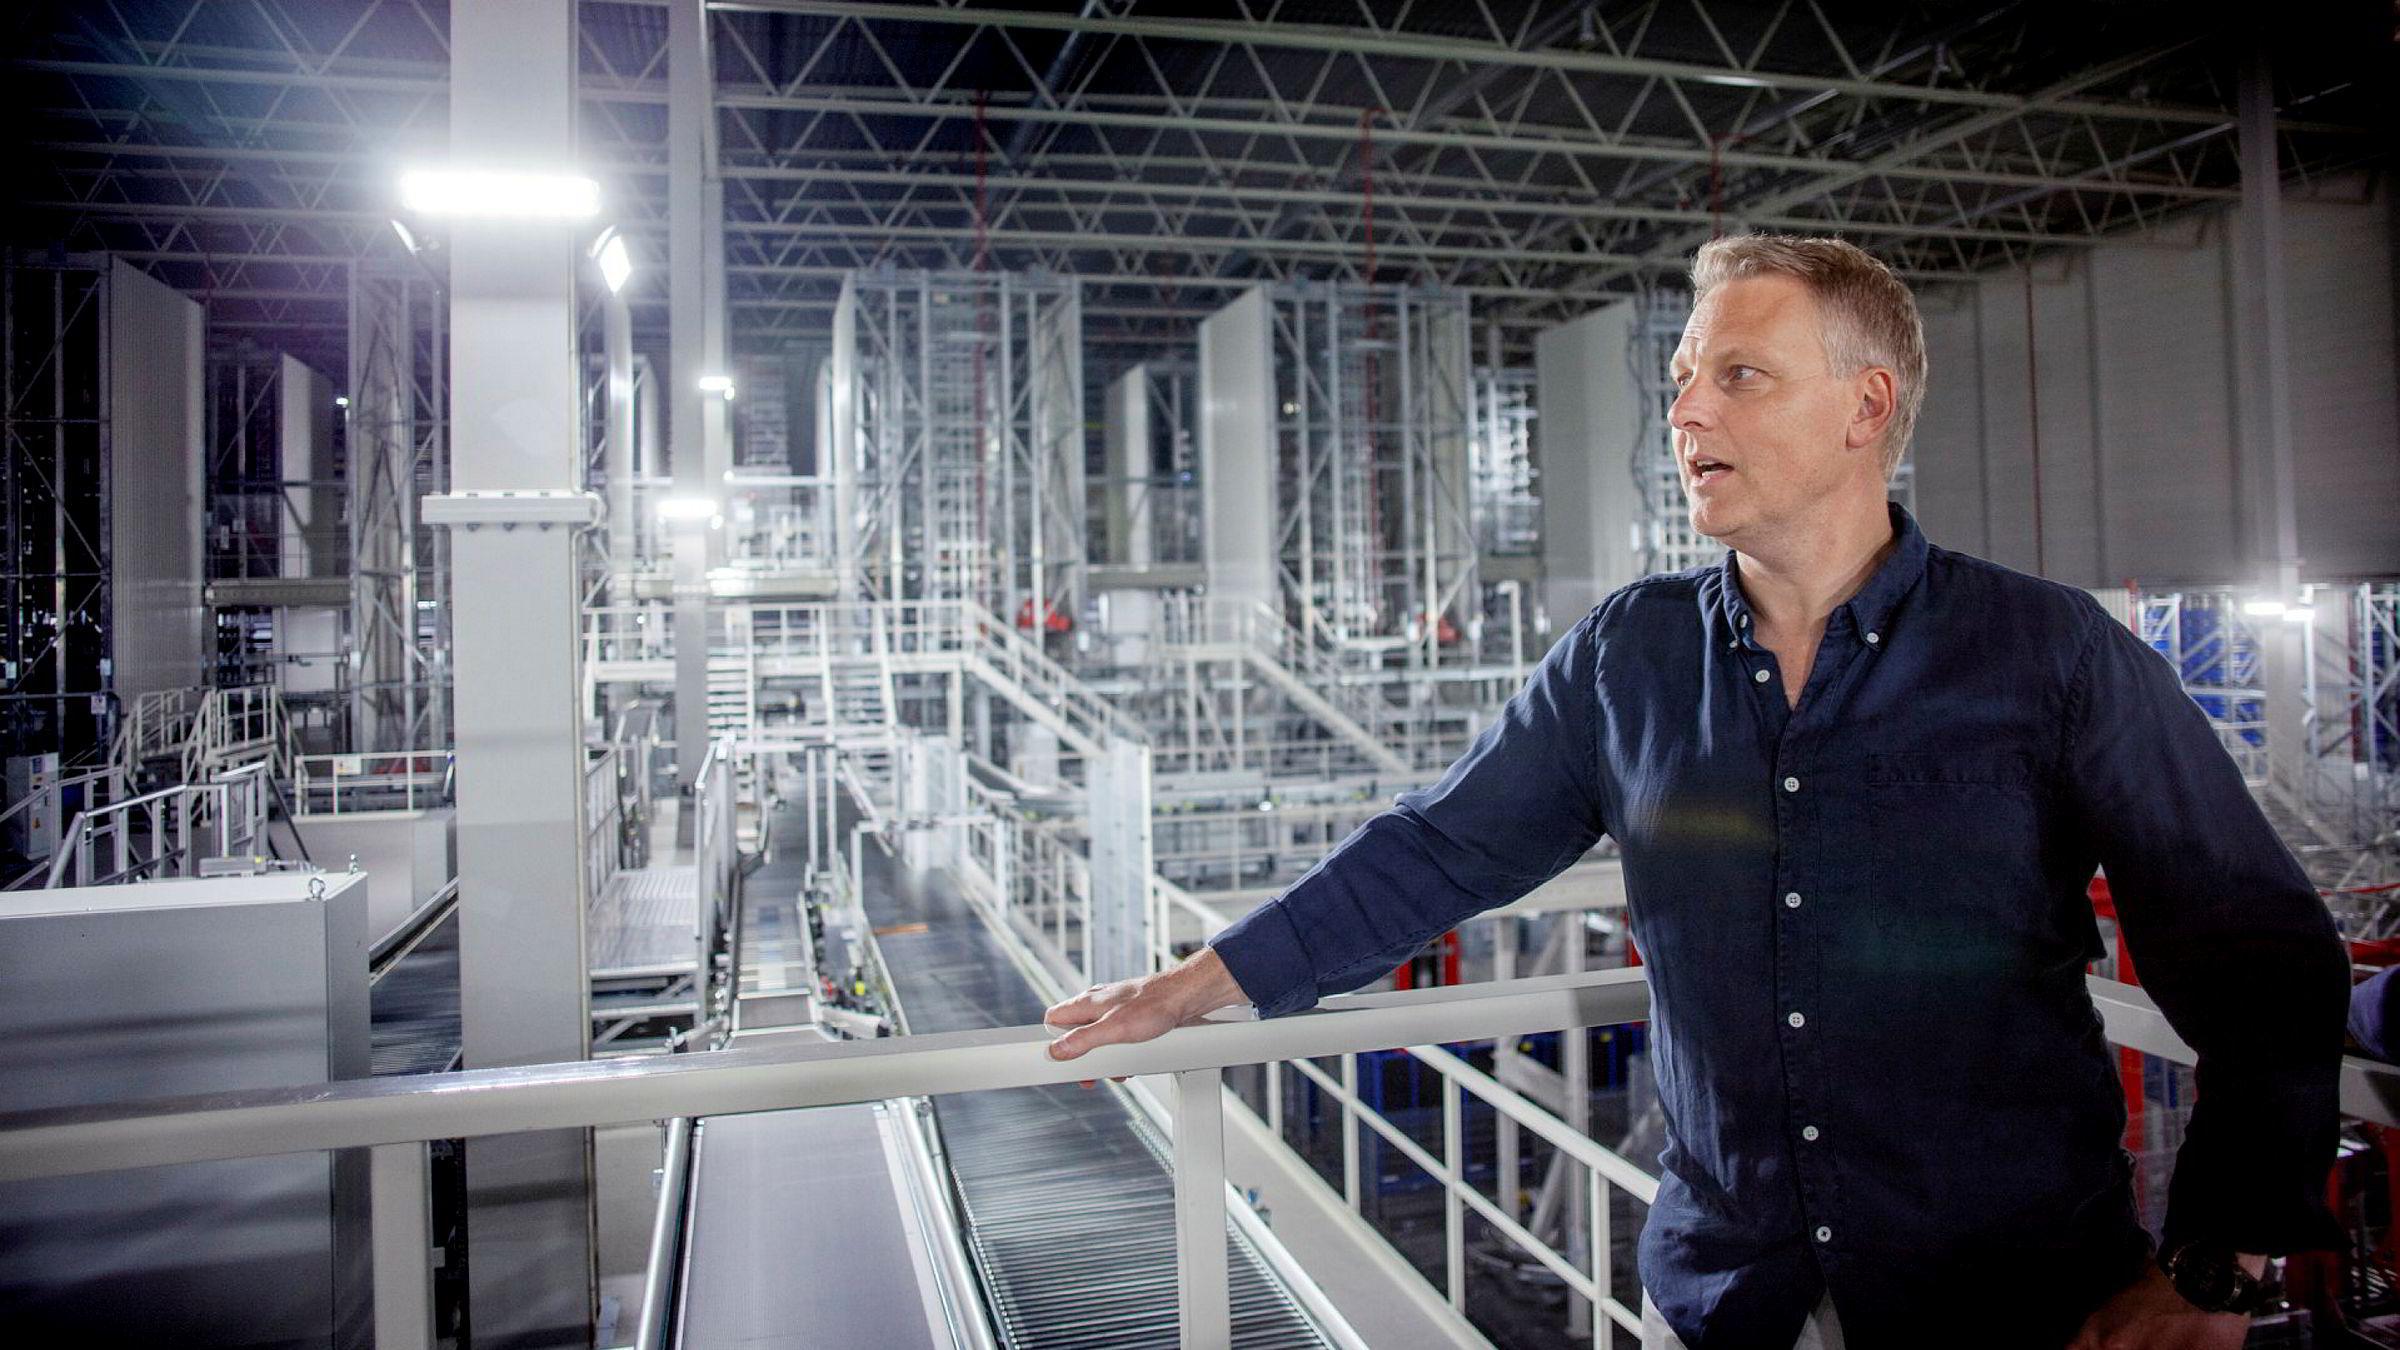 Rema-direktør Trond Bentestuen trodde forskjellen i innkjøpspriser var tre-fire prosent. Nå viser det seg at forskjellen er opp mot 15 prosent hos enkelte leverandører.